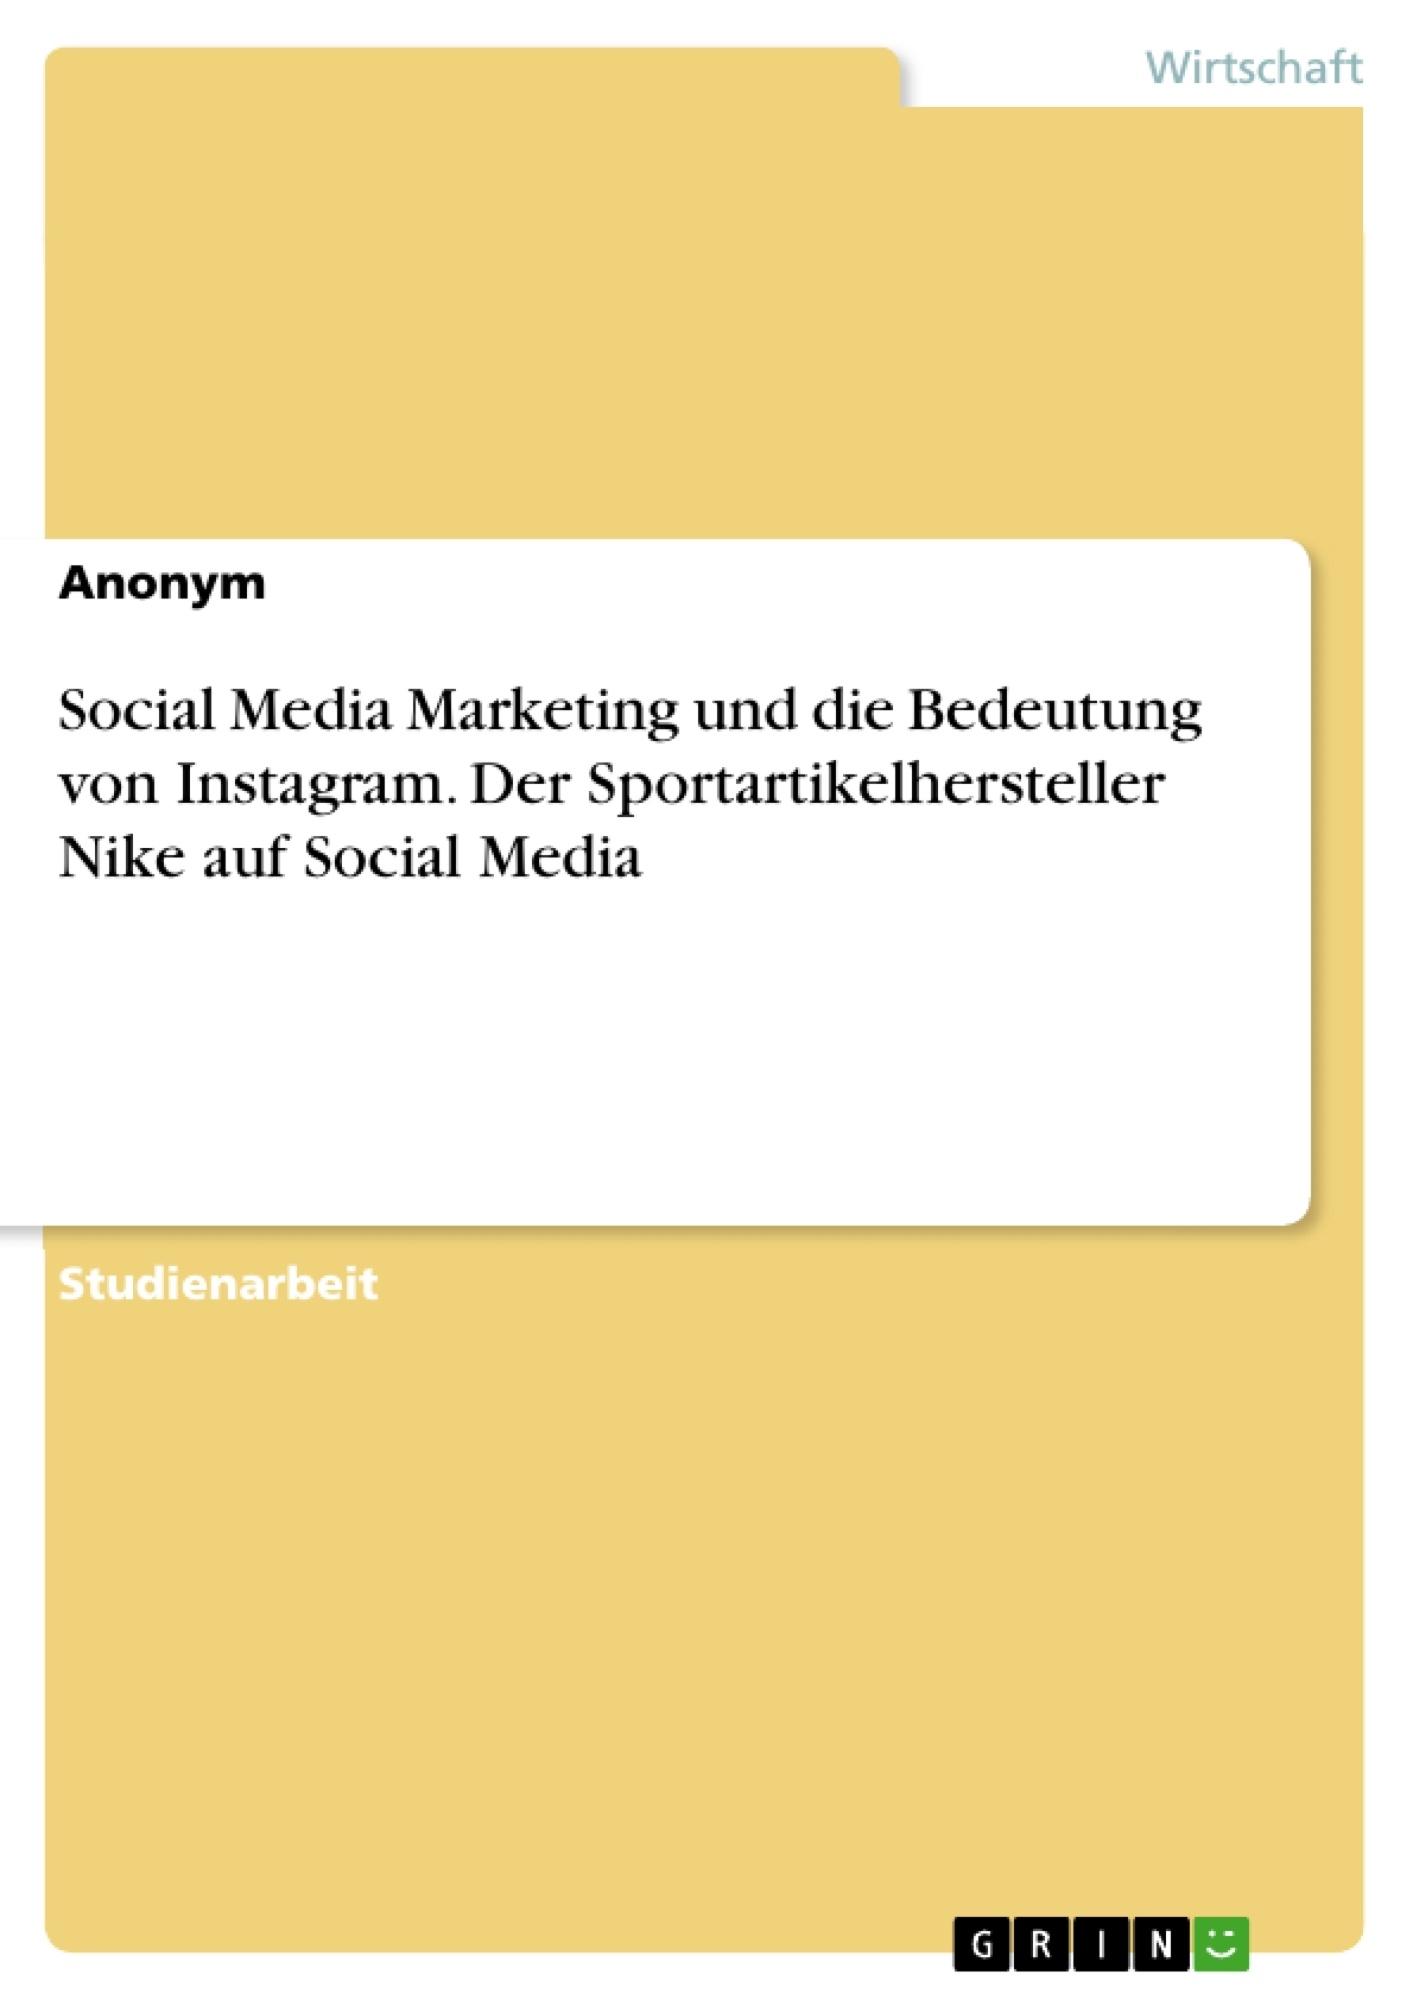 Titel: Social Media Marketing und die Bedeutung von Instagram. Der Sportartikelhersteller Nike auf Social Media